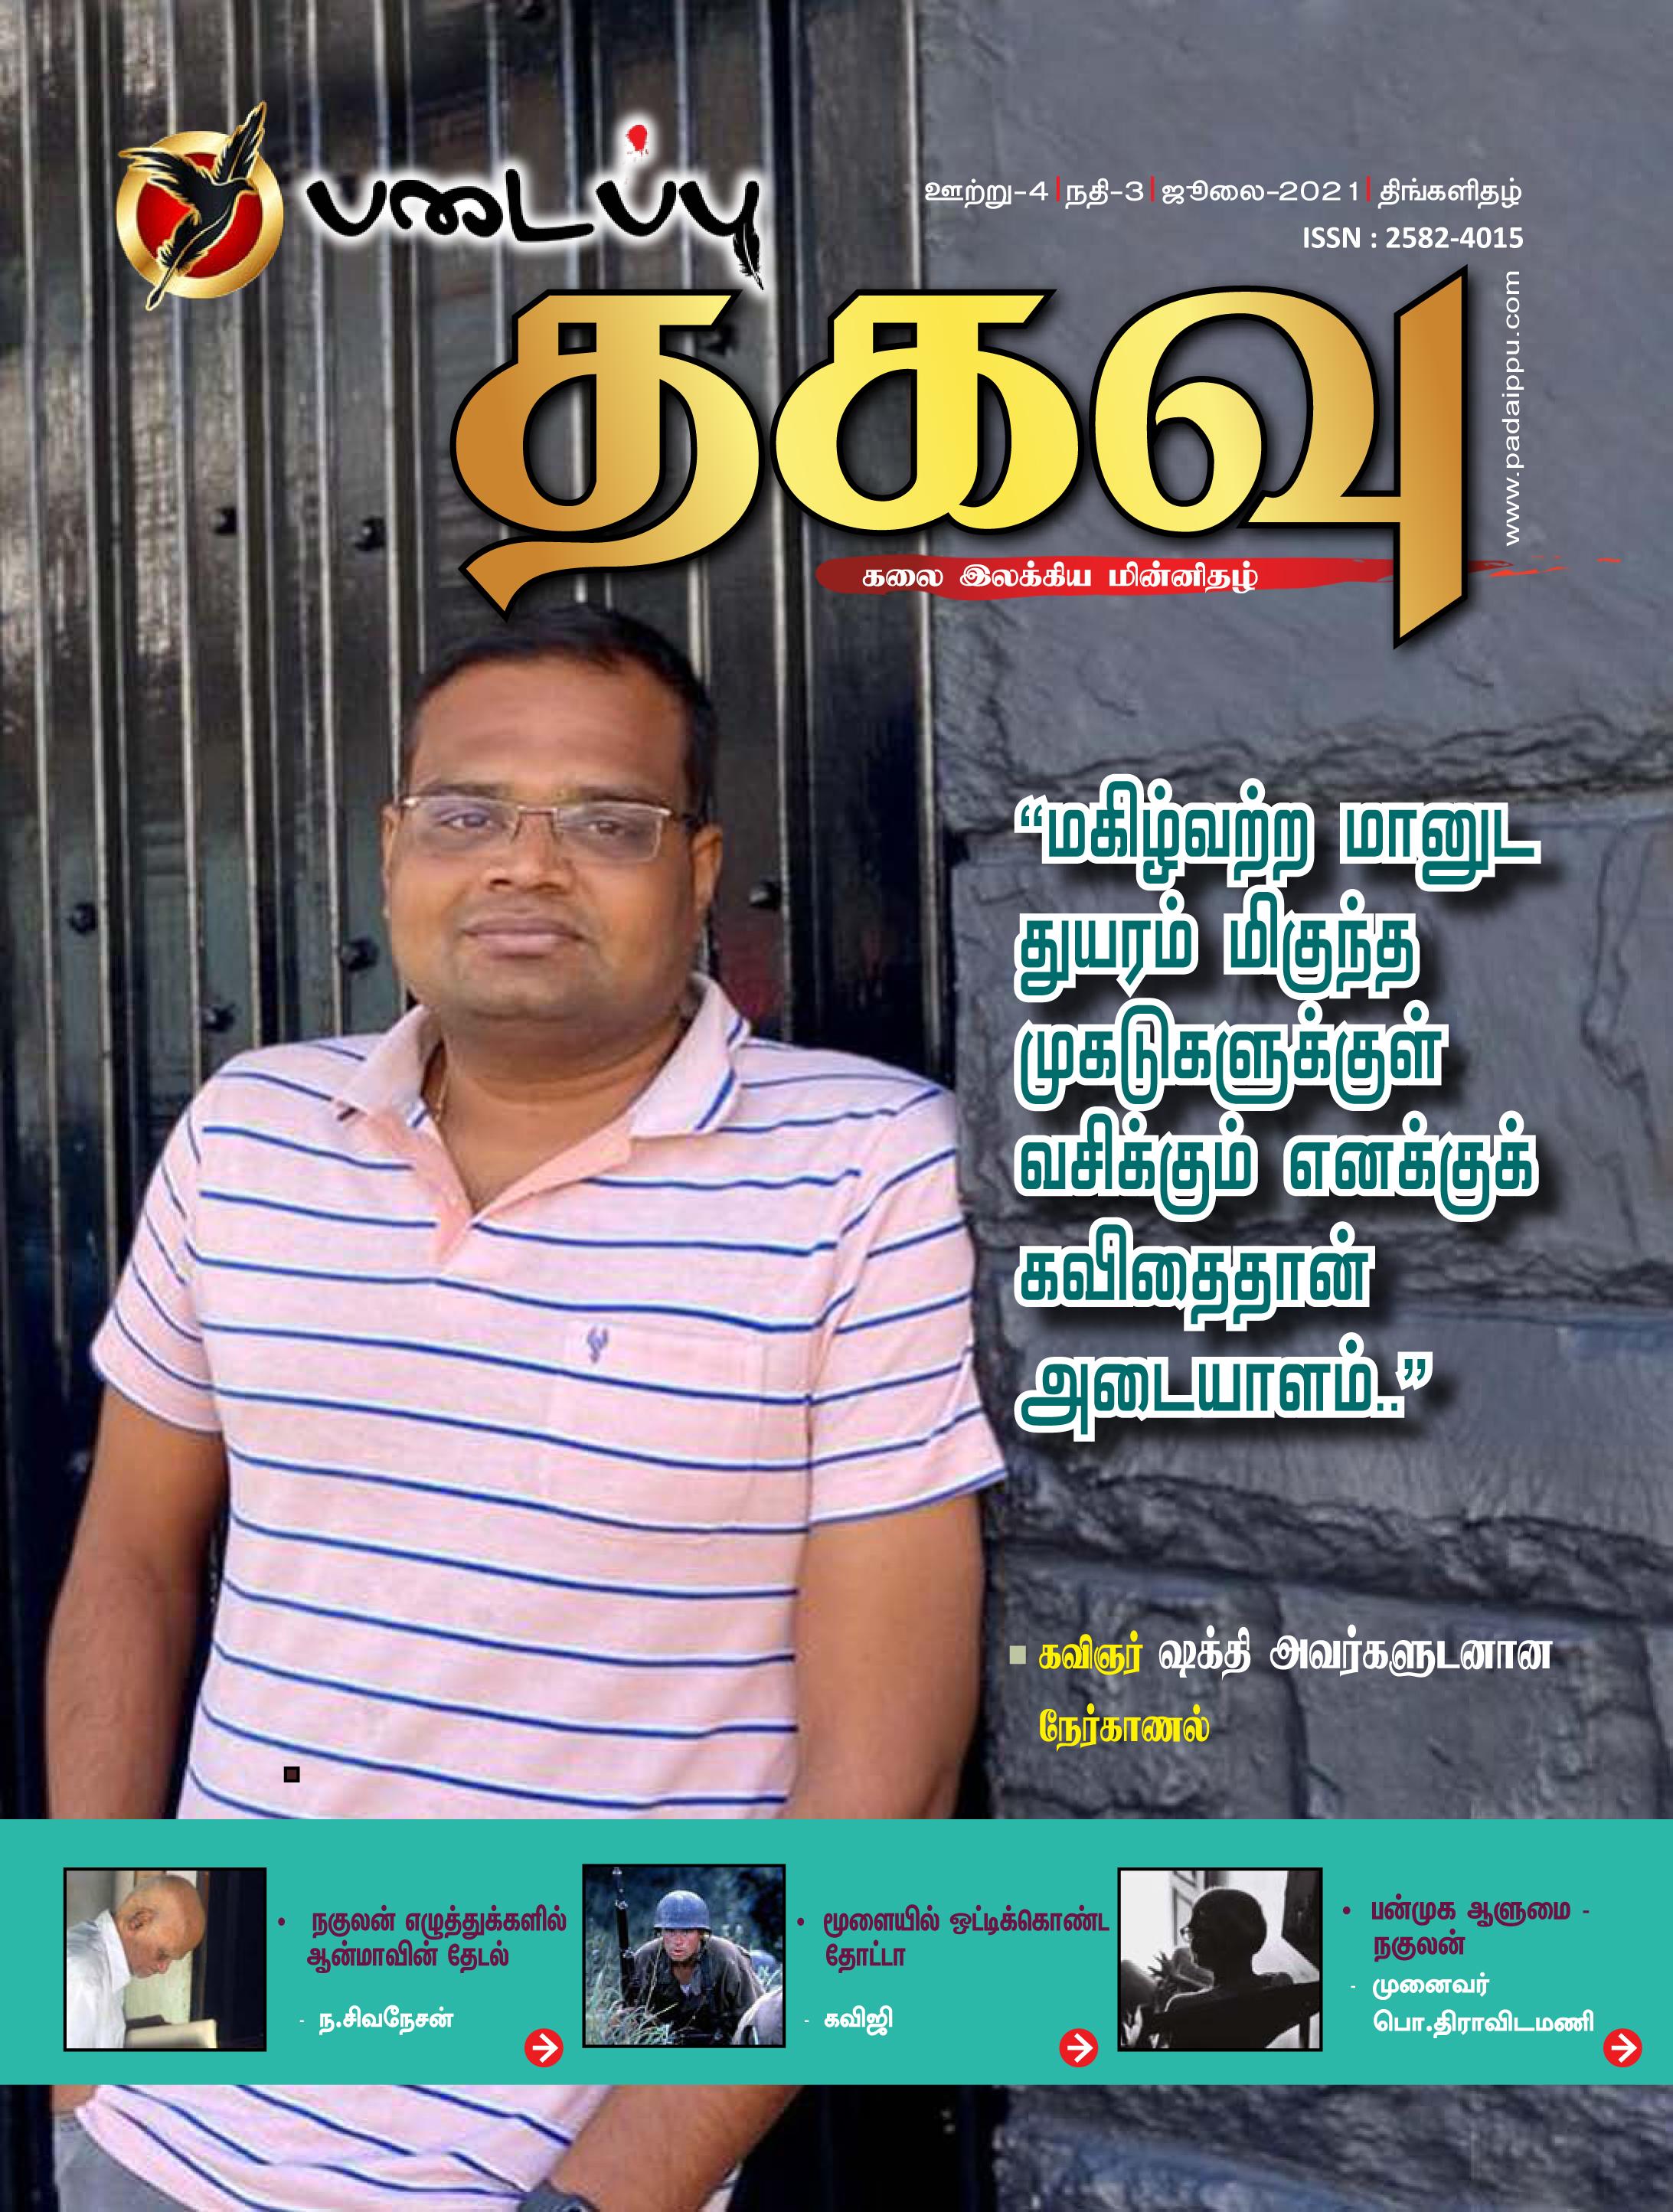 படைப்பு தகவு - கலை இலக்கிய திங்களிதழ் - 39